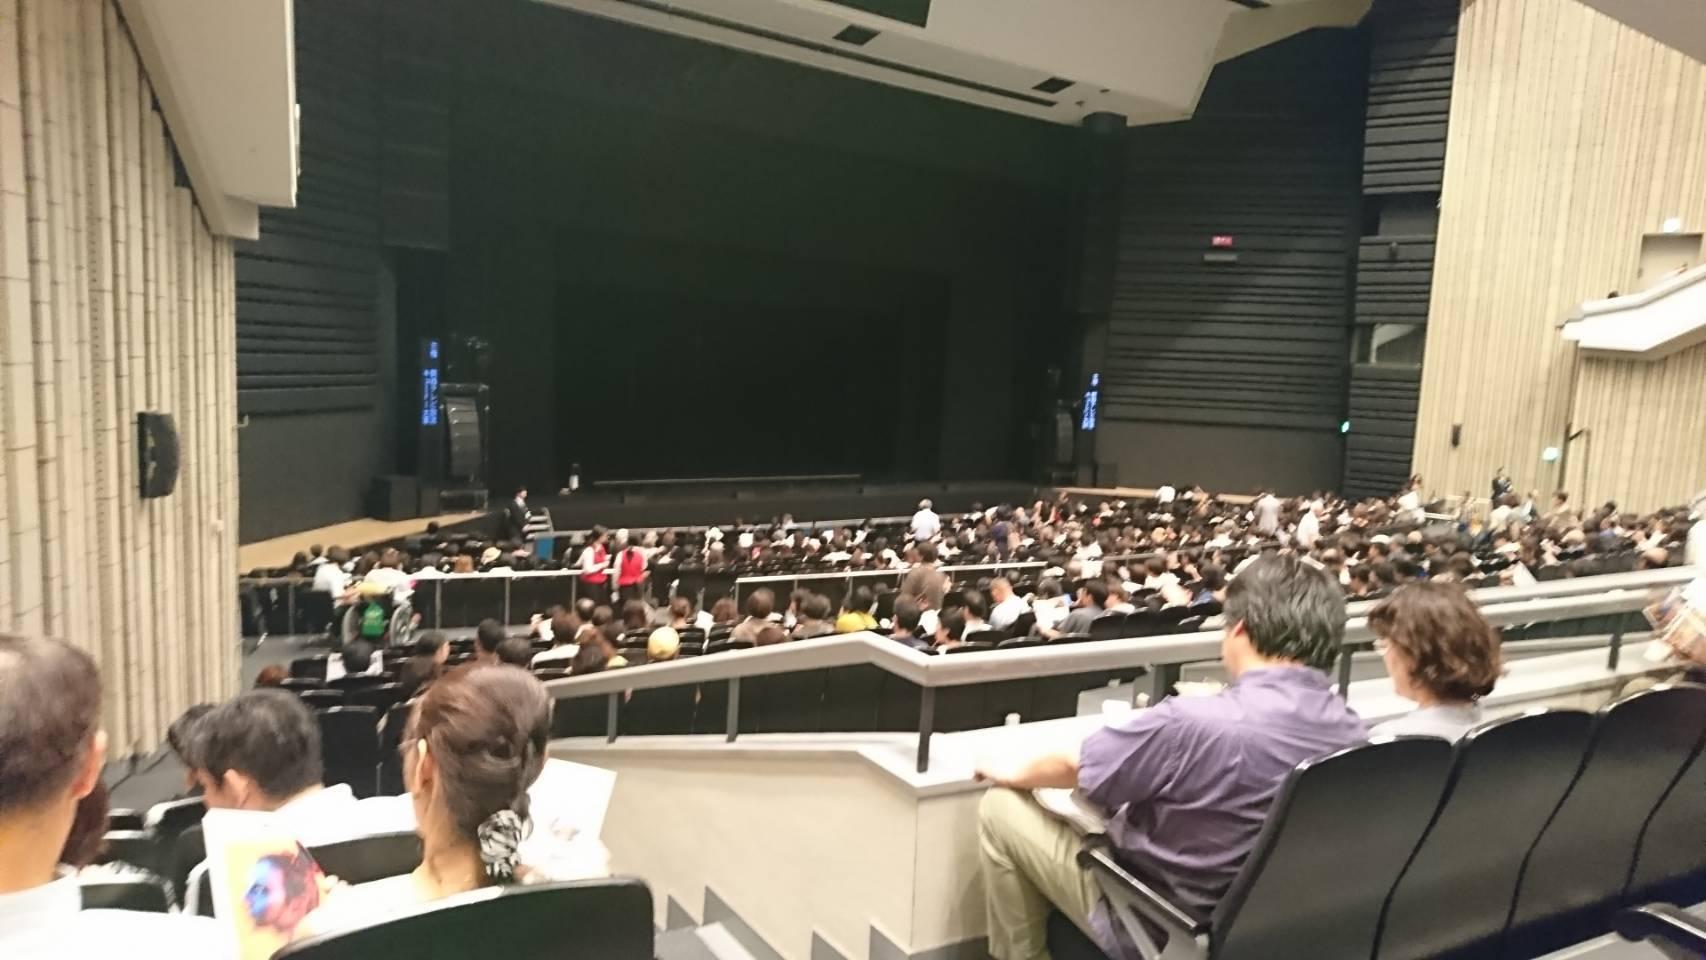 コーラスライン@大阪オリックス劇場_a0221584_16485039.jpg